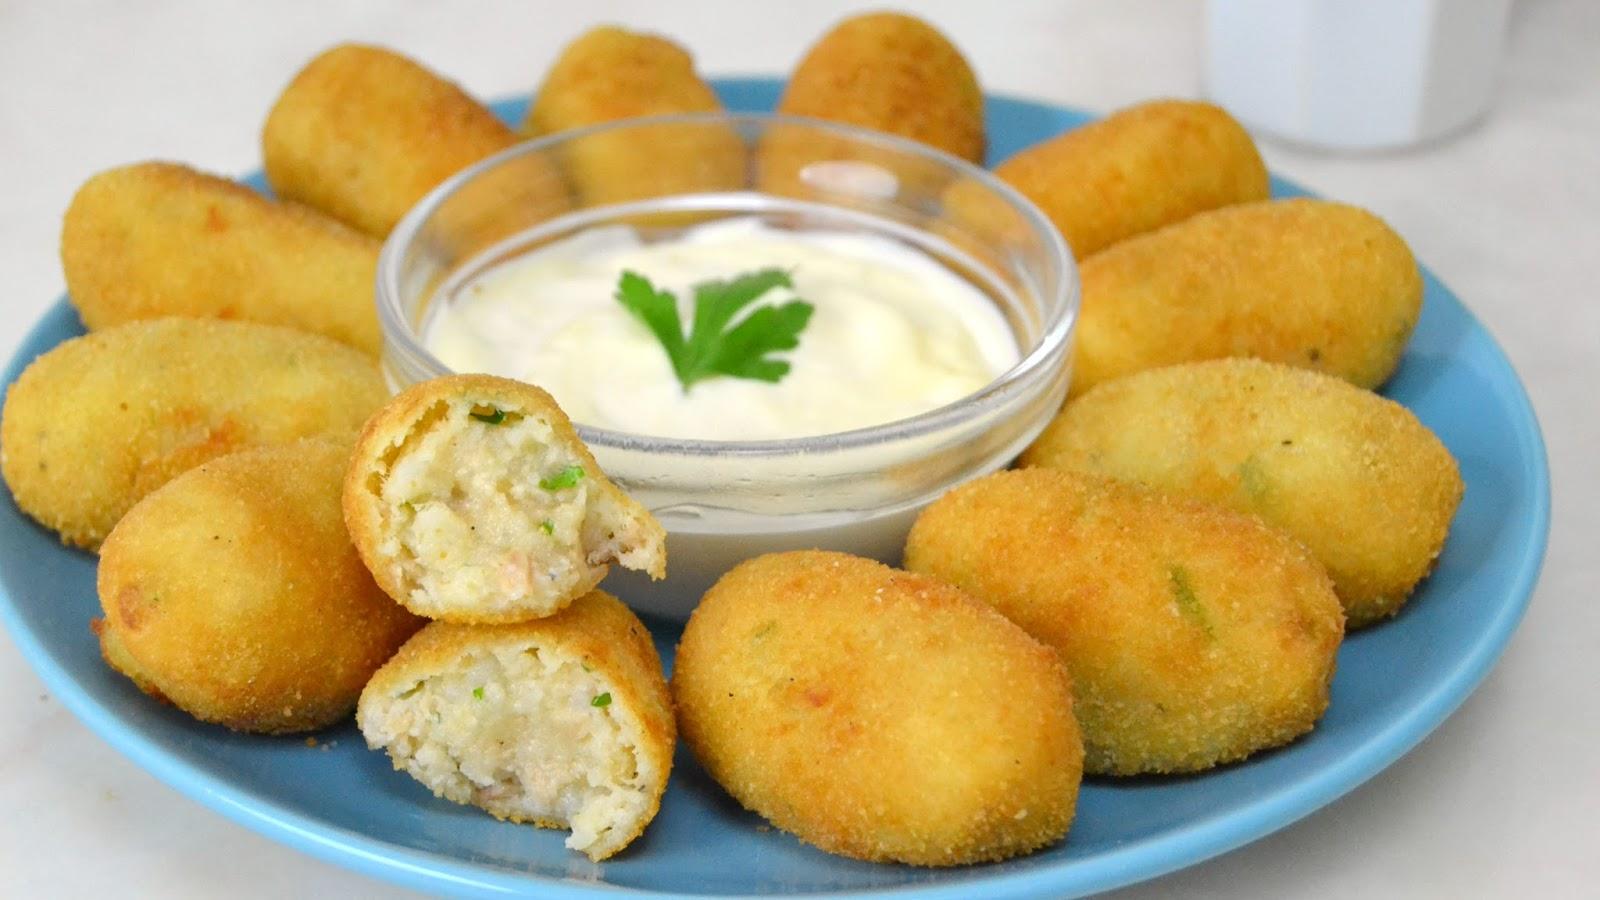 Recetas De Cocina Croquetas | Croquetas De Atun Con Patata Facilisimas Cuuking Recetas De Cocina